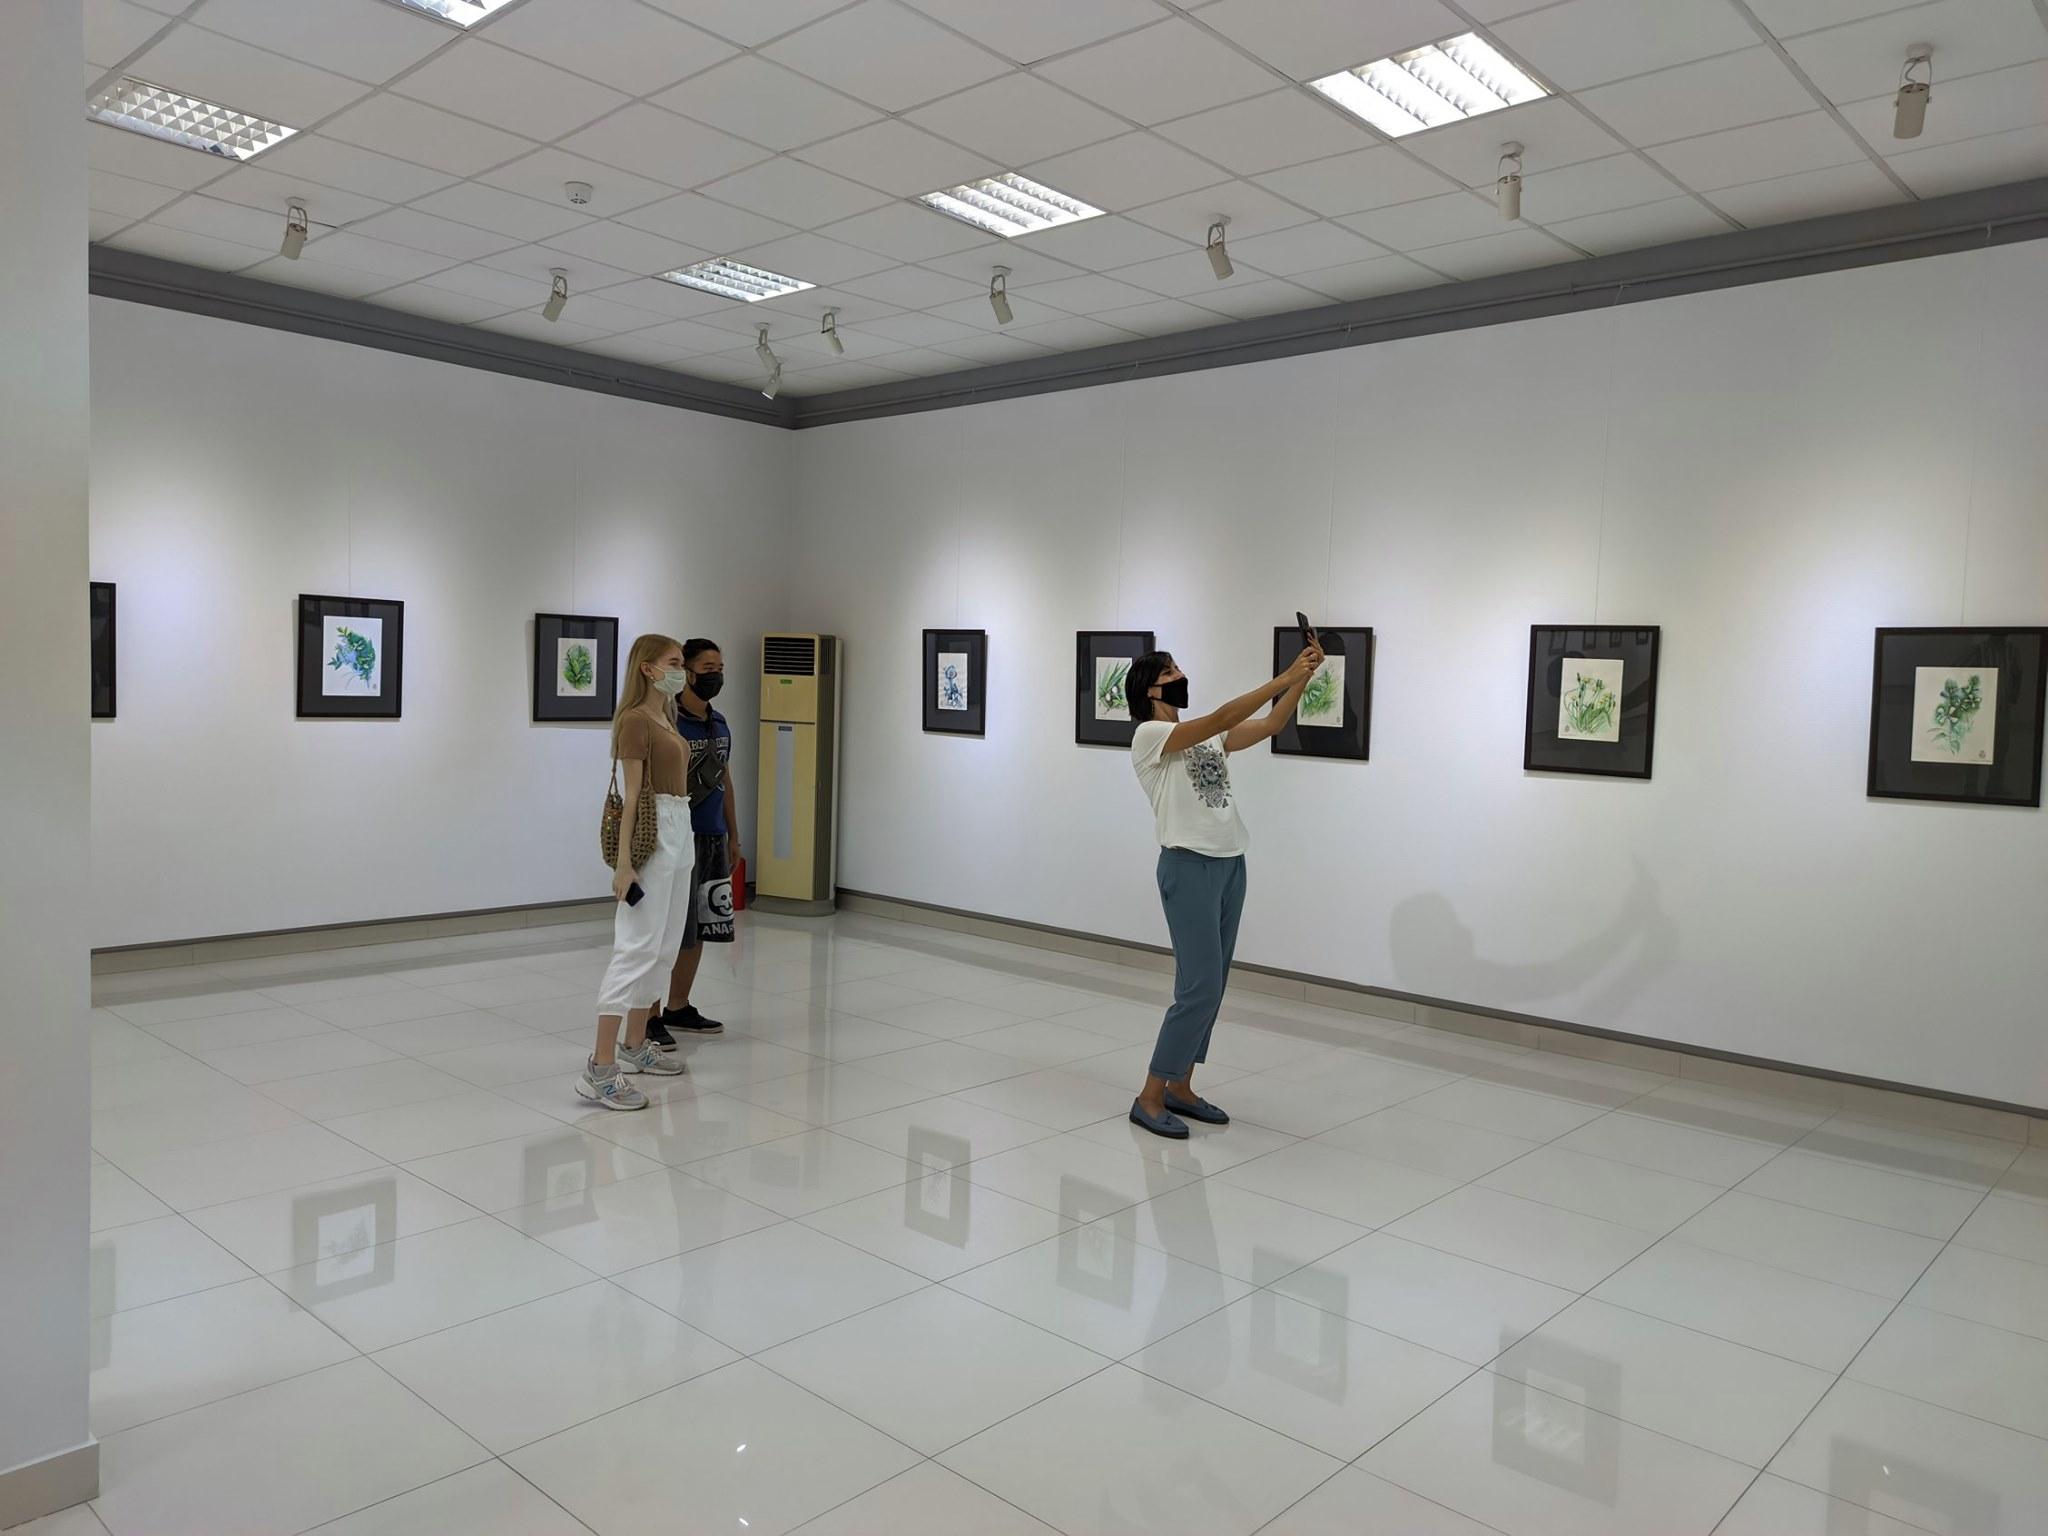 Фотография со страница Караван-сарая в ФБ.